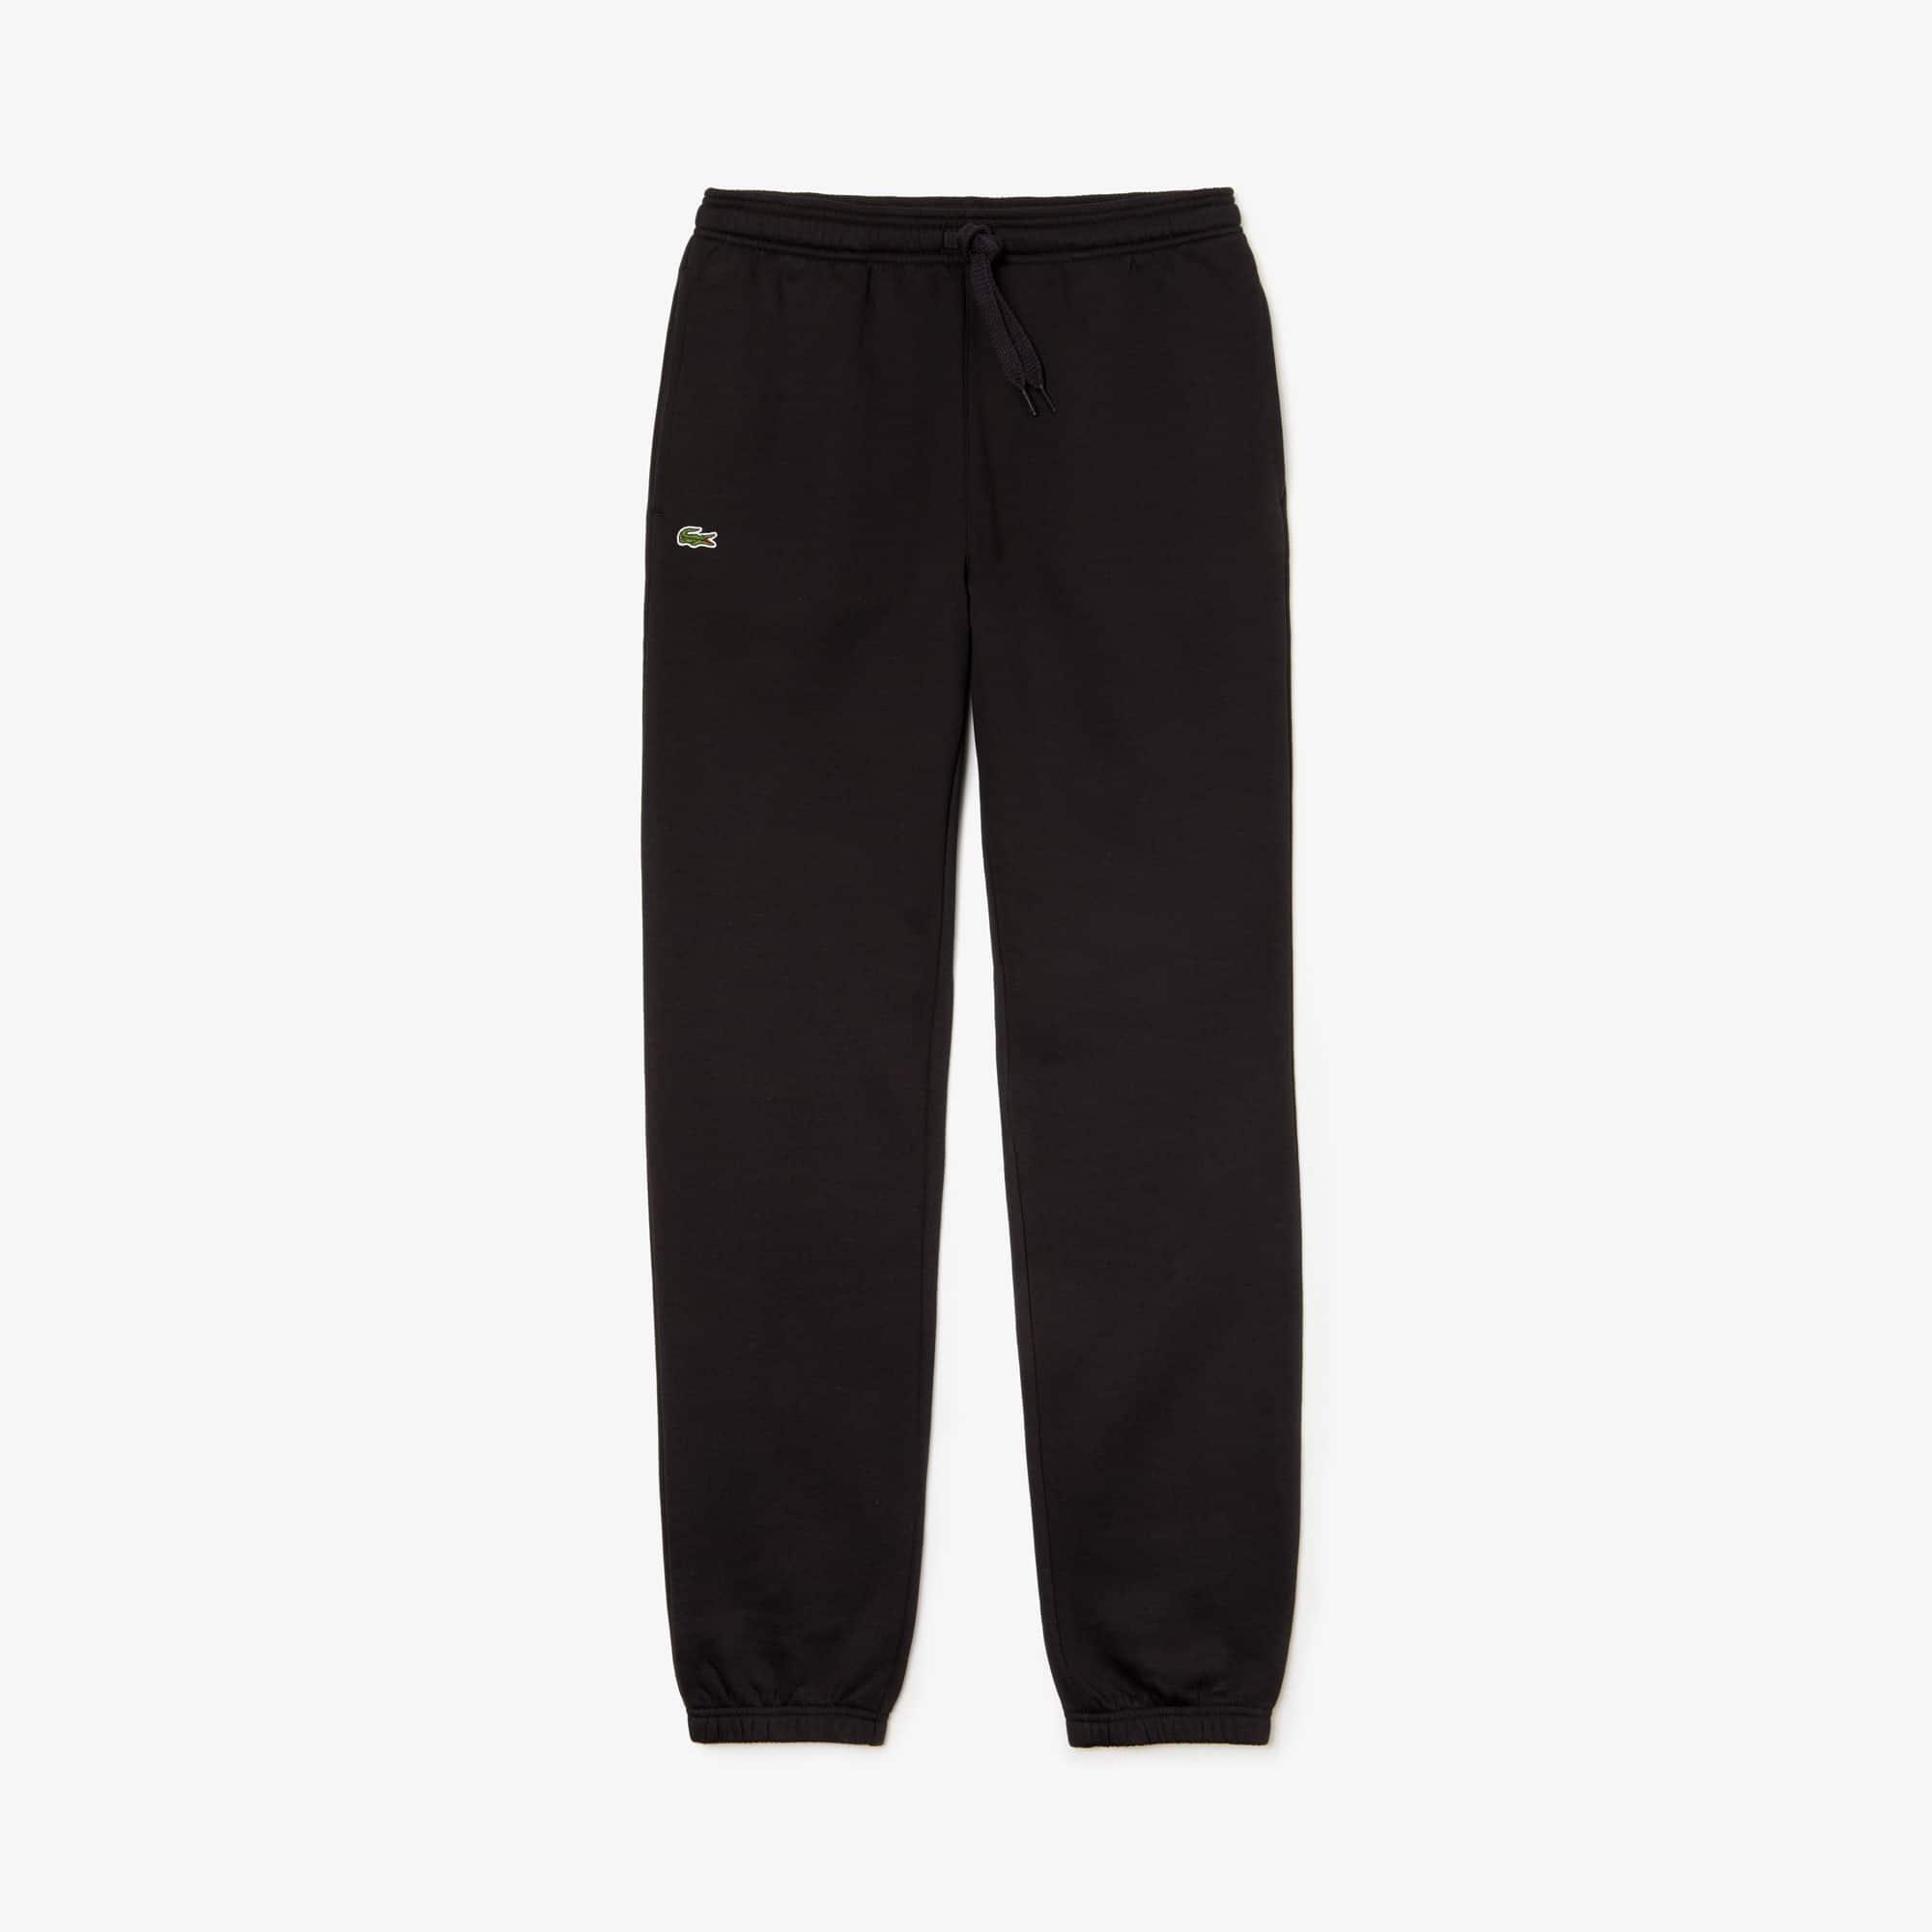 Pantaloni da ginnastica Lacoste SPORT in cotone tinta unita